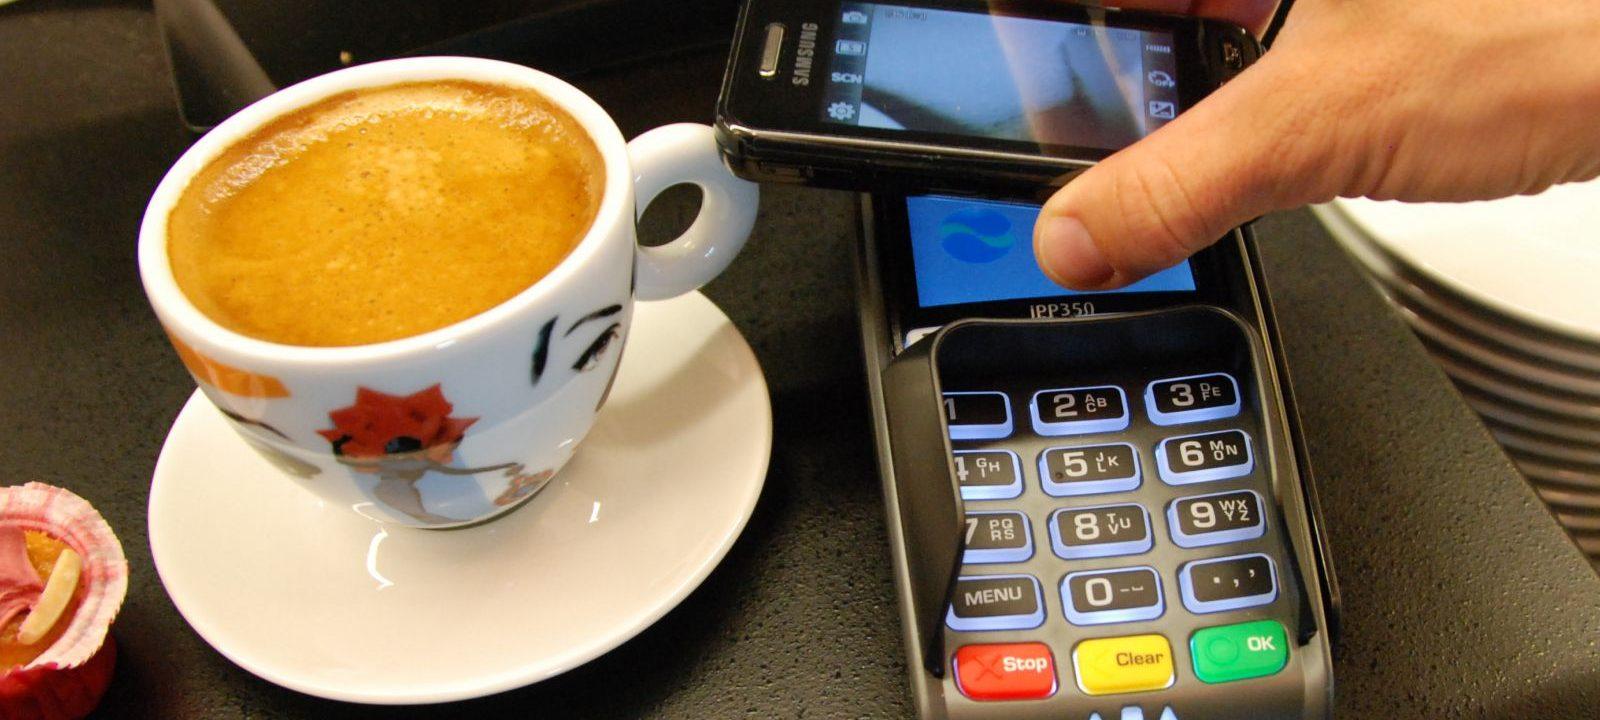 NFC betaling kontaktløst samfund